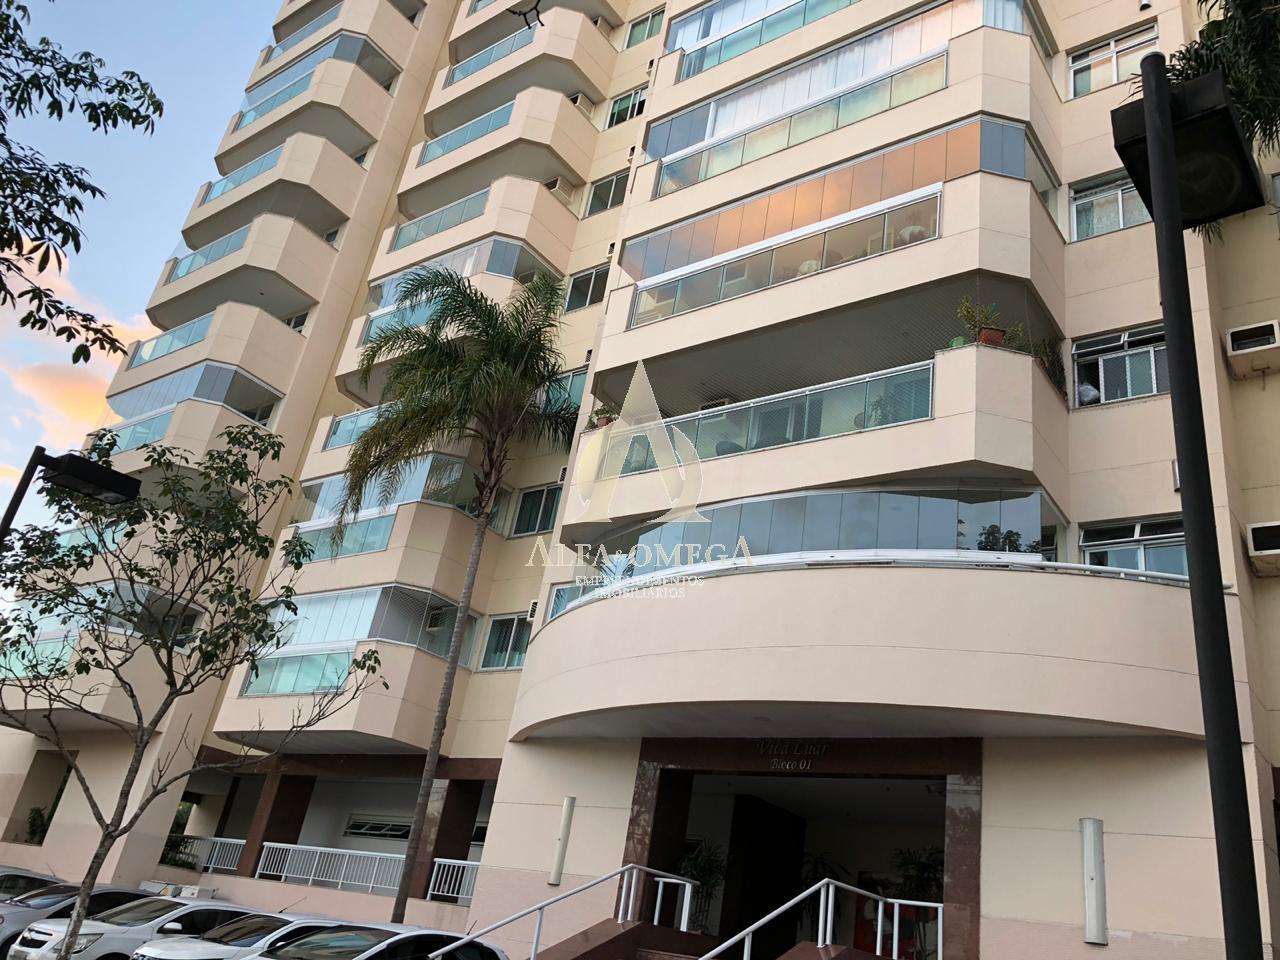 FOTO 20 - Apartamento Barra da Tijuca,Rio de Janeiro,RJ Para Alugar,2 Quartos,69m² - AO20270L - 21